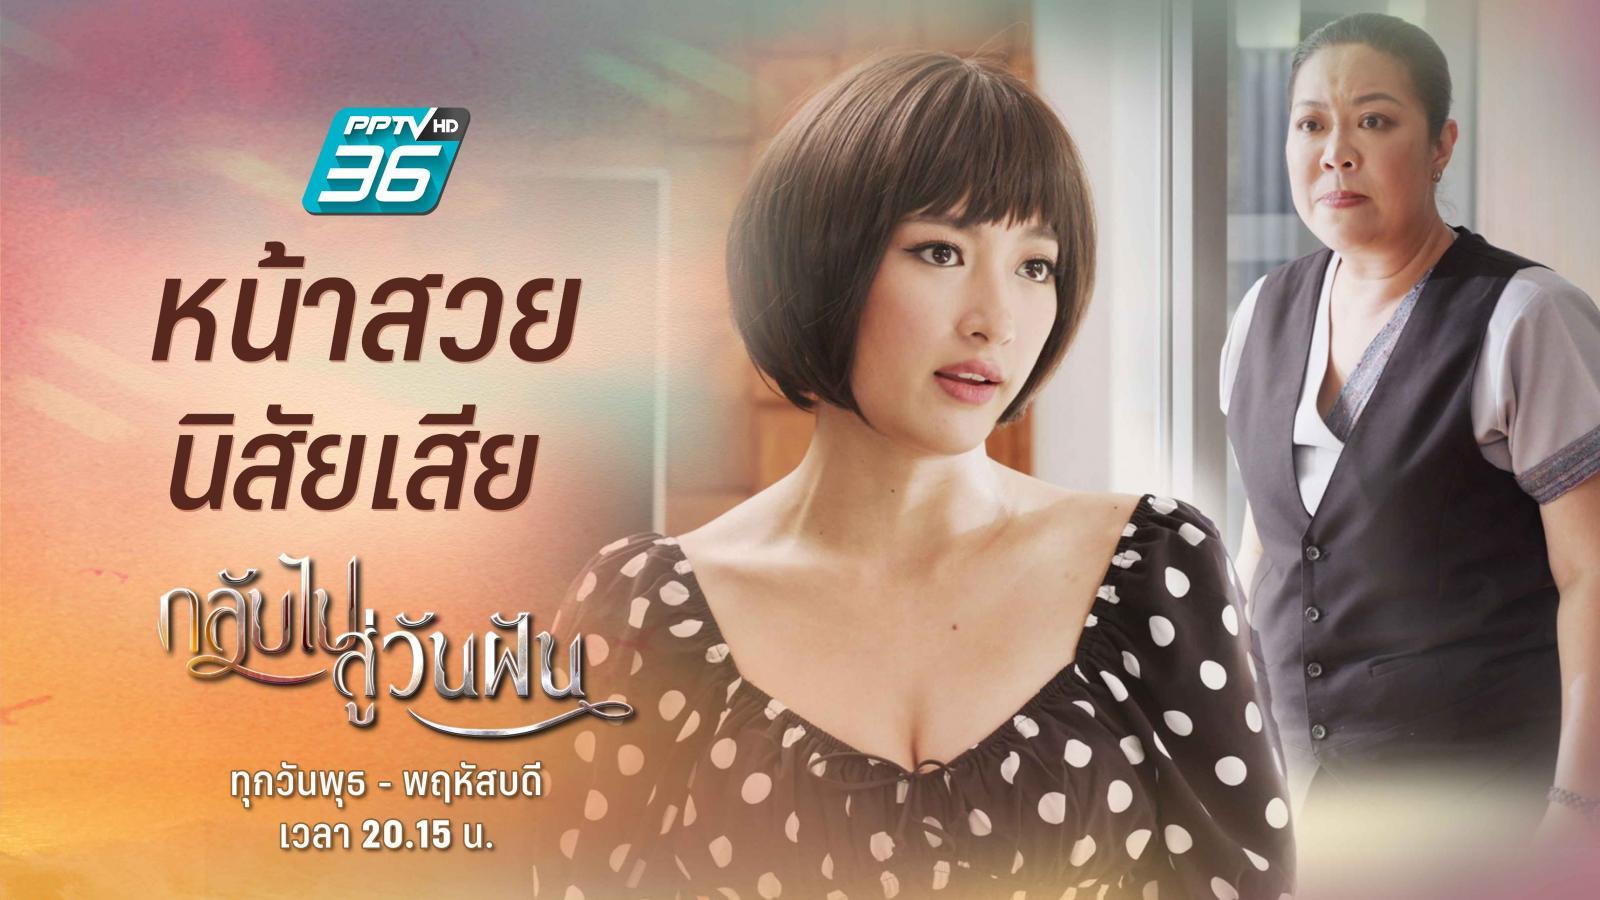 กลับไปสู่วันฝัน EP.17 | ฟินสุด | หน้าสวย นิสัยเสีย | PPTV HD 36